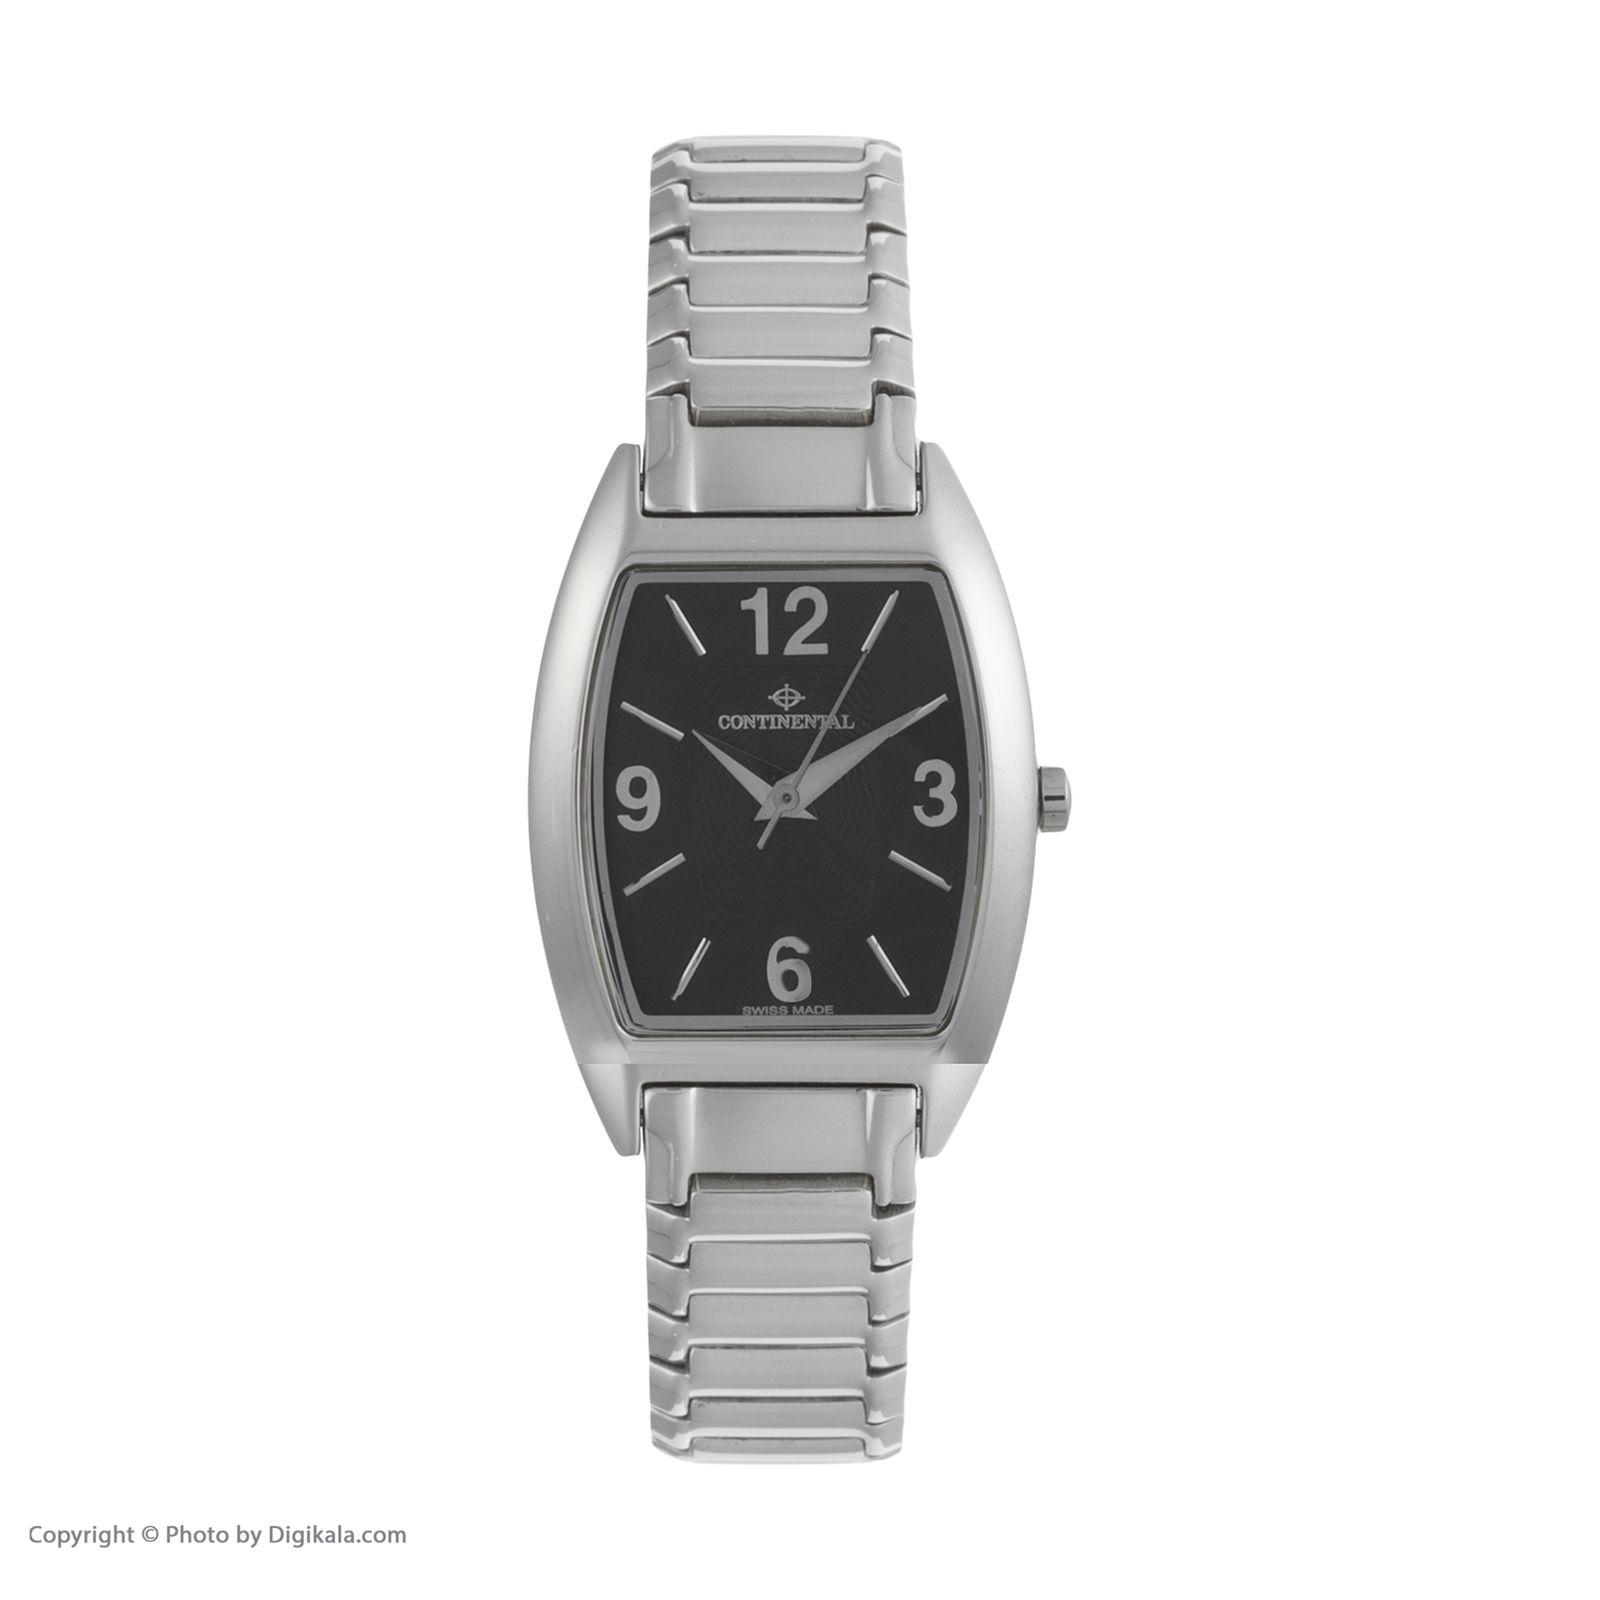 ساعت مچی عقربه ای زنانه کنتیننتال مدل 5074-204 -  - 1